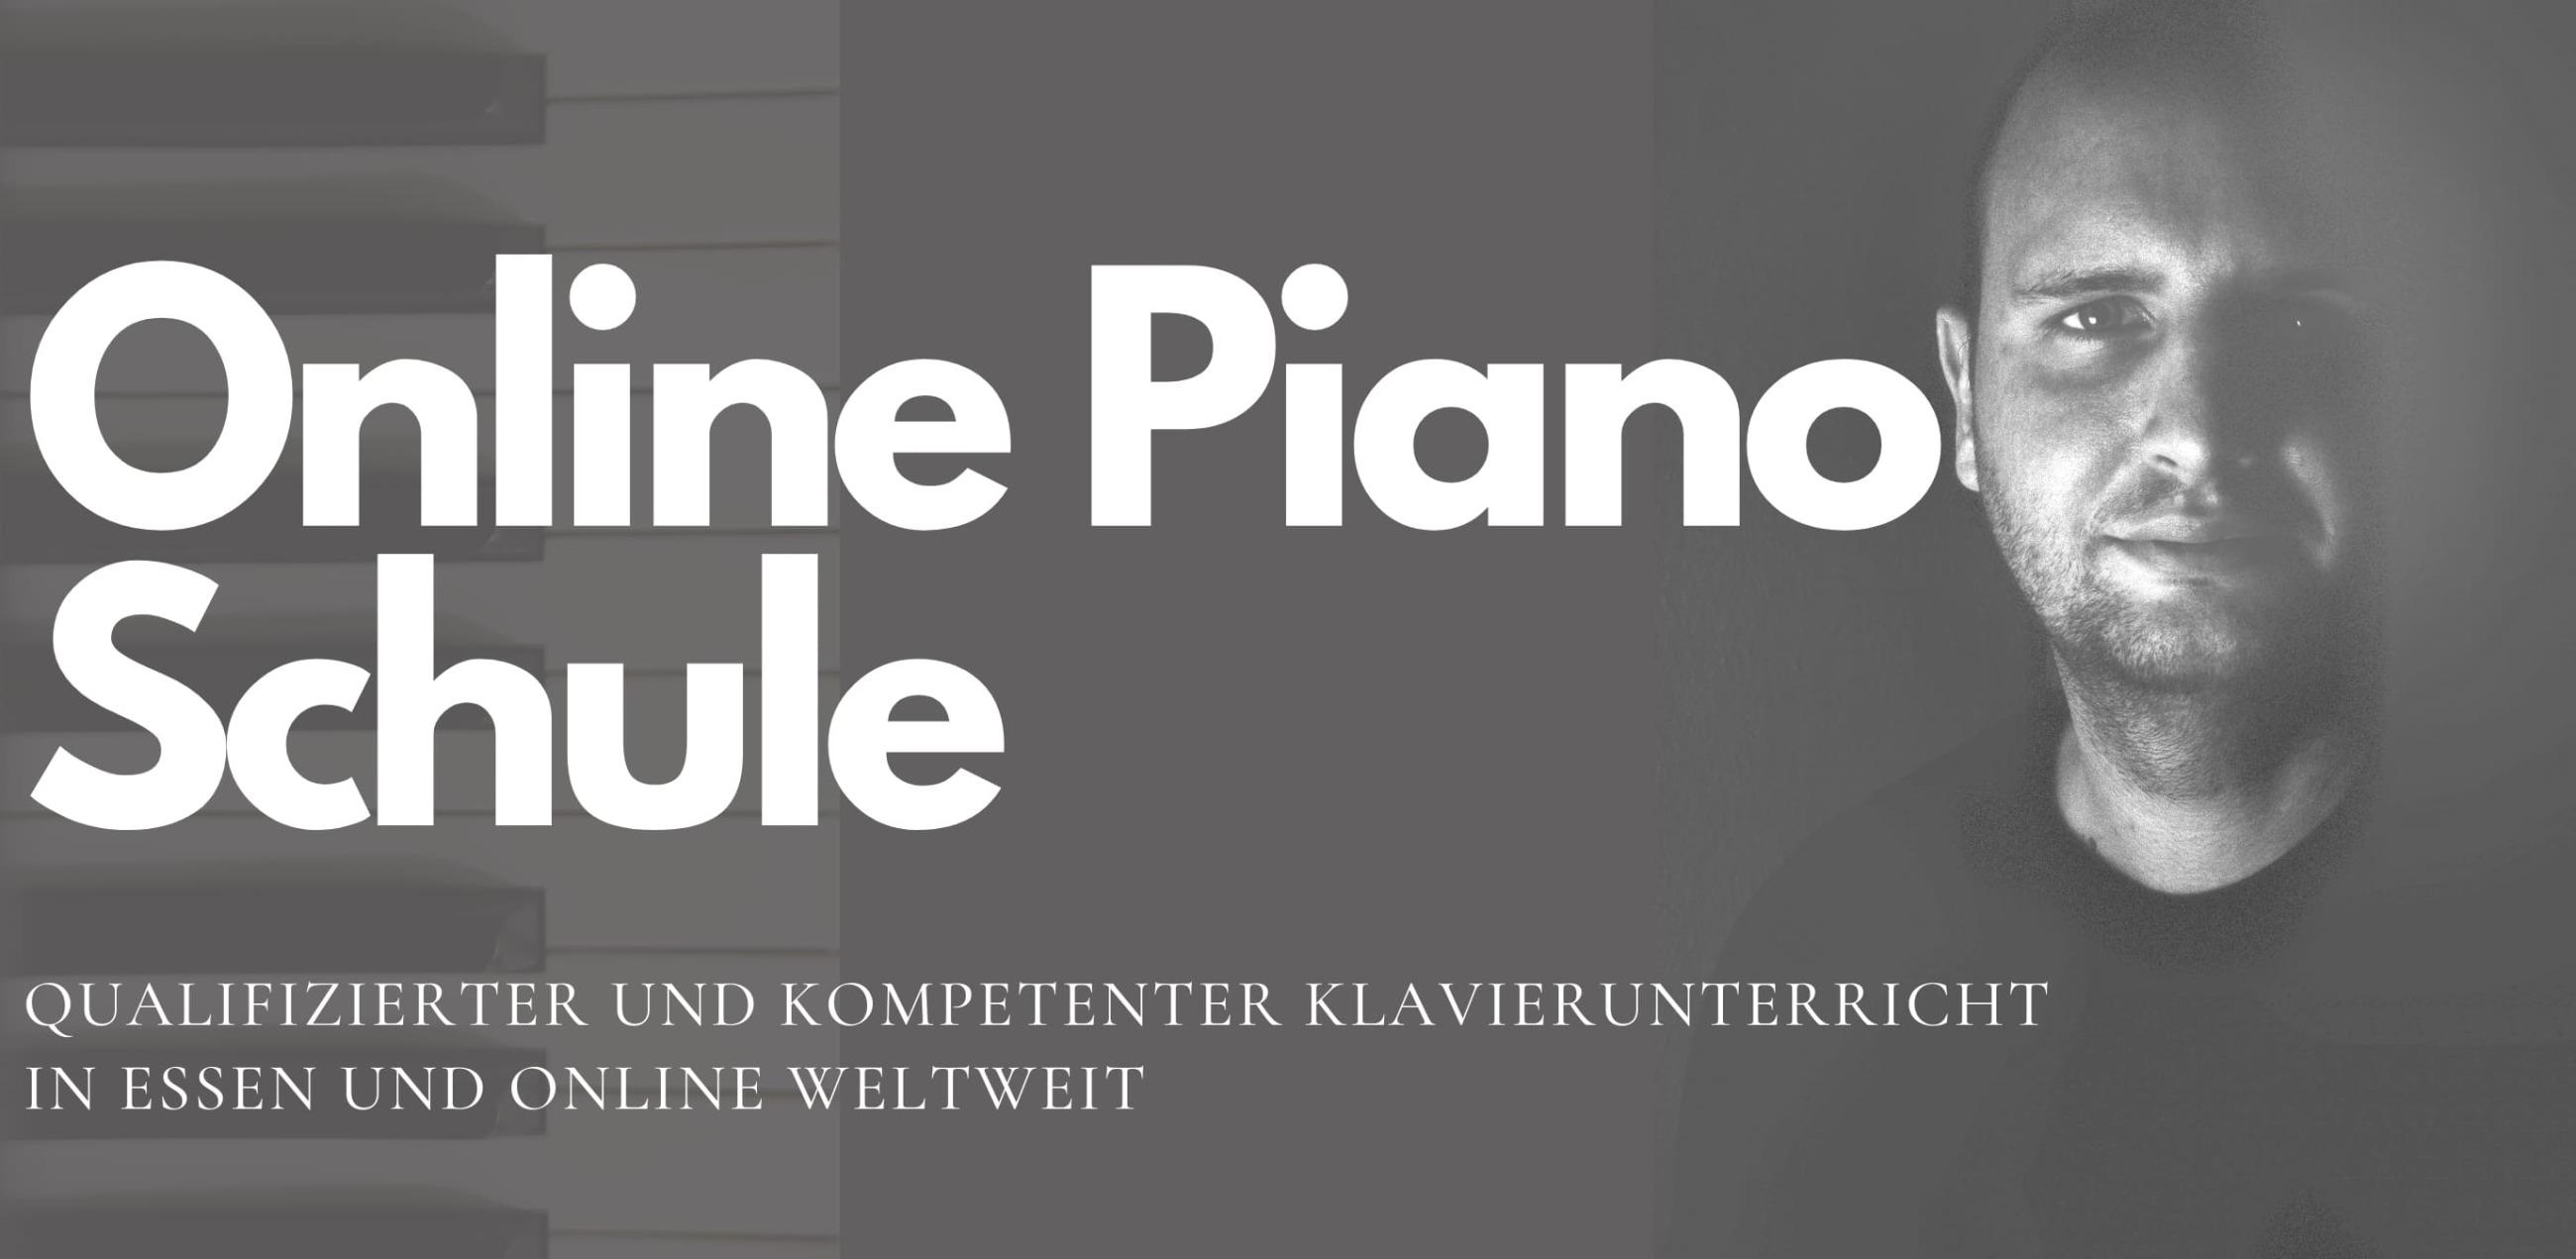 Online Piano Schule - Qualifizierter und kompetenter Klavierunterricht in Essen und online weltweit